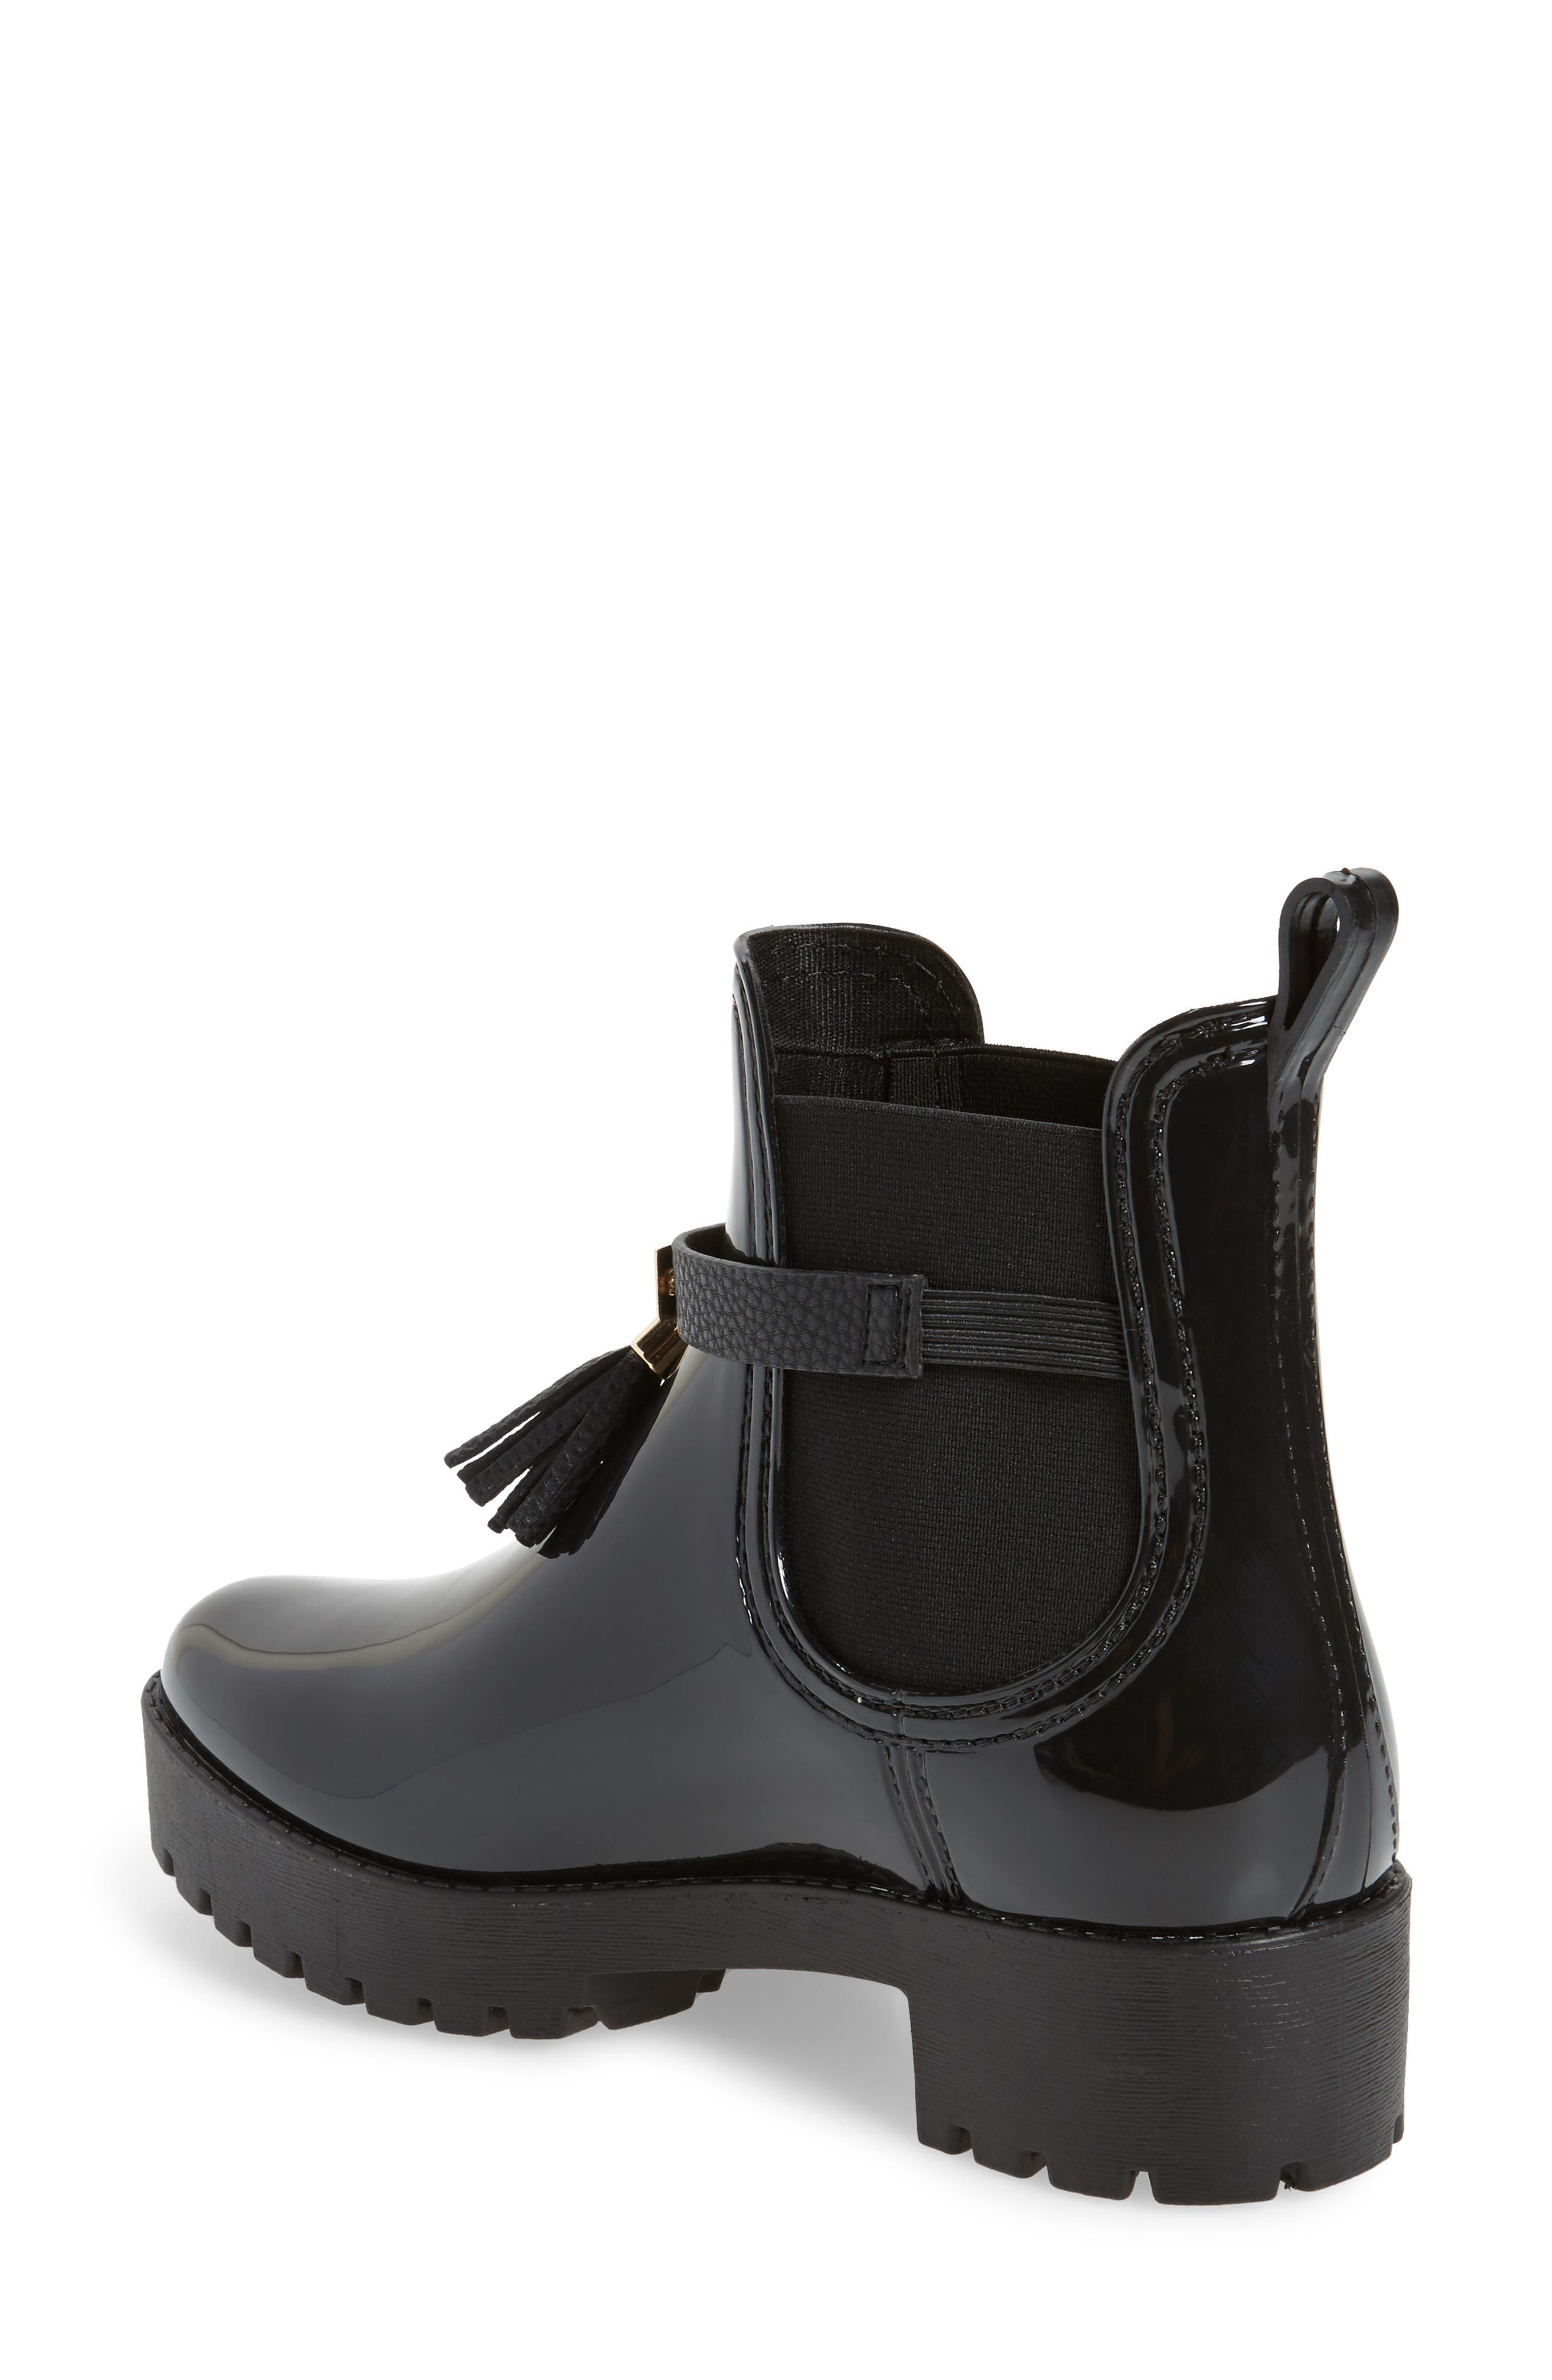 Leeds Tassel Waterproof Chelsea Boot,                             Alternate thumbnail 2, color,                             Black